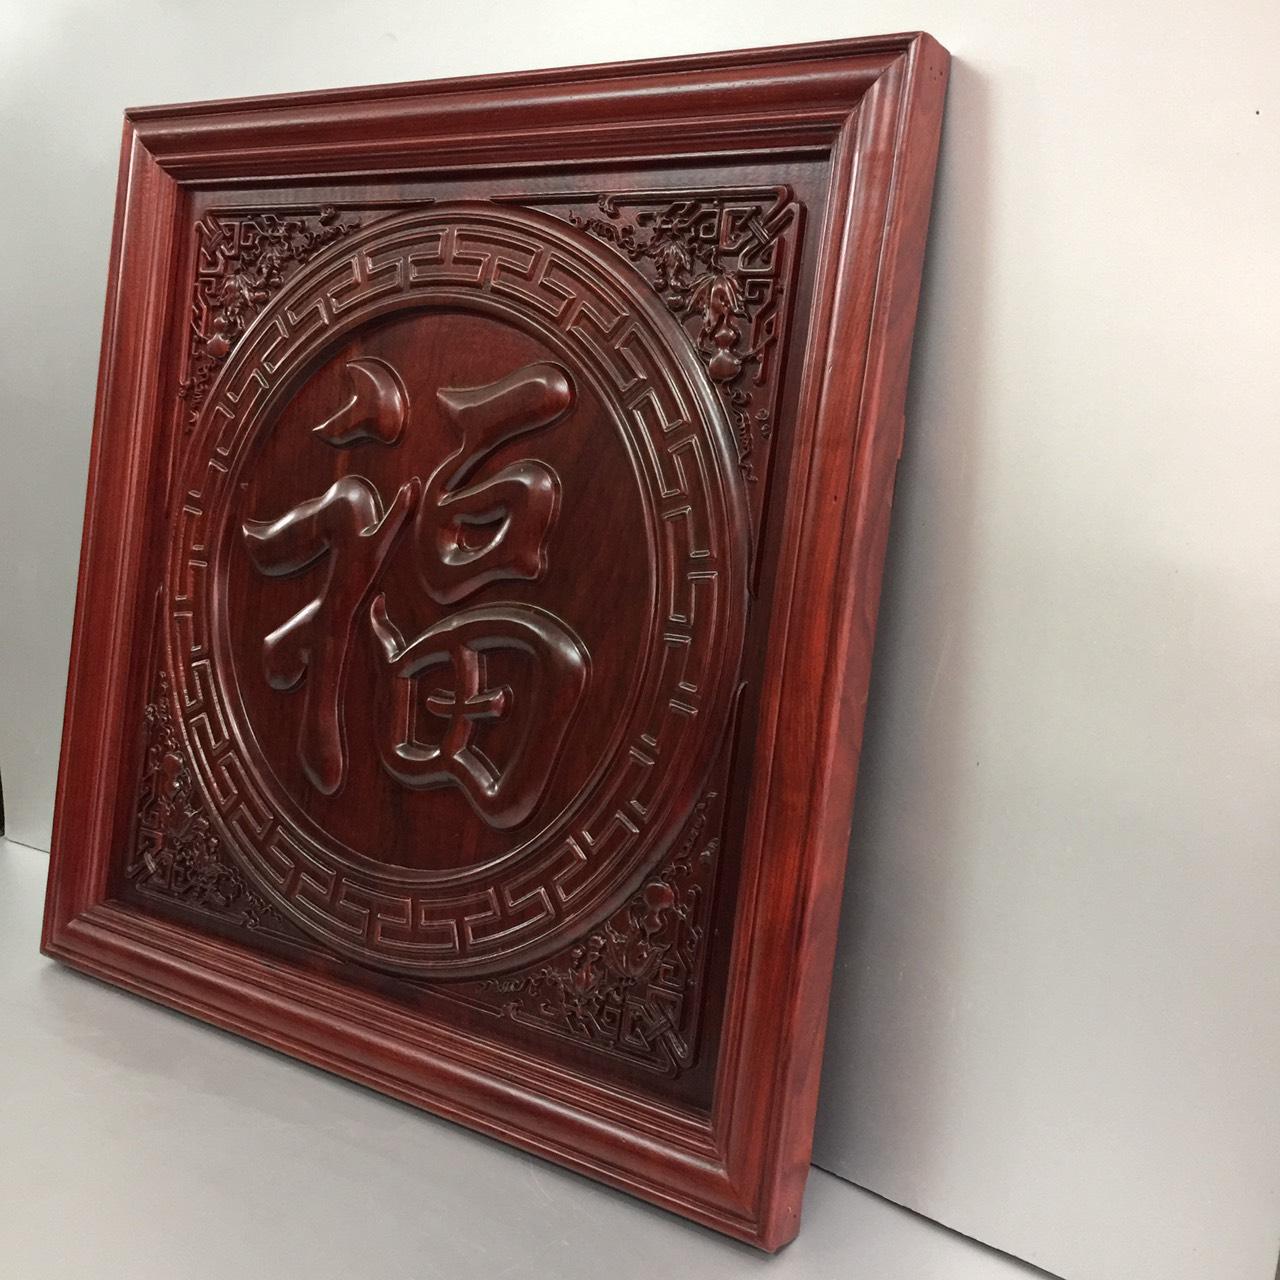 Chữ trang trí chữ Phúc gỗ hương , sơn PU cao cấp, thợ làm kỉ đẹp dành cho bàn thờ treo, bàn thờ cặp , trang trí phòng khách , trang trí phòng làm việc, hoặc bàn thờ.